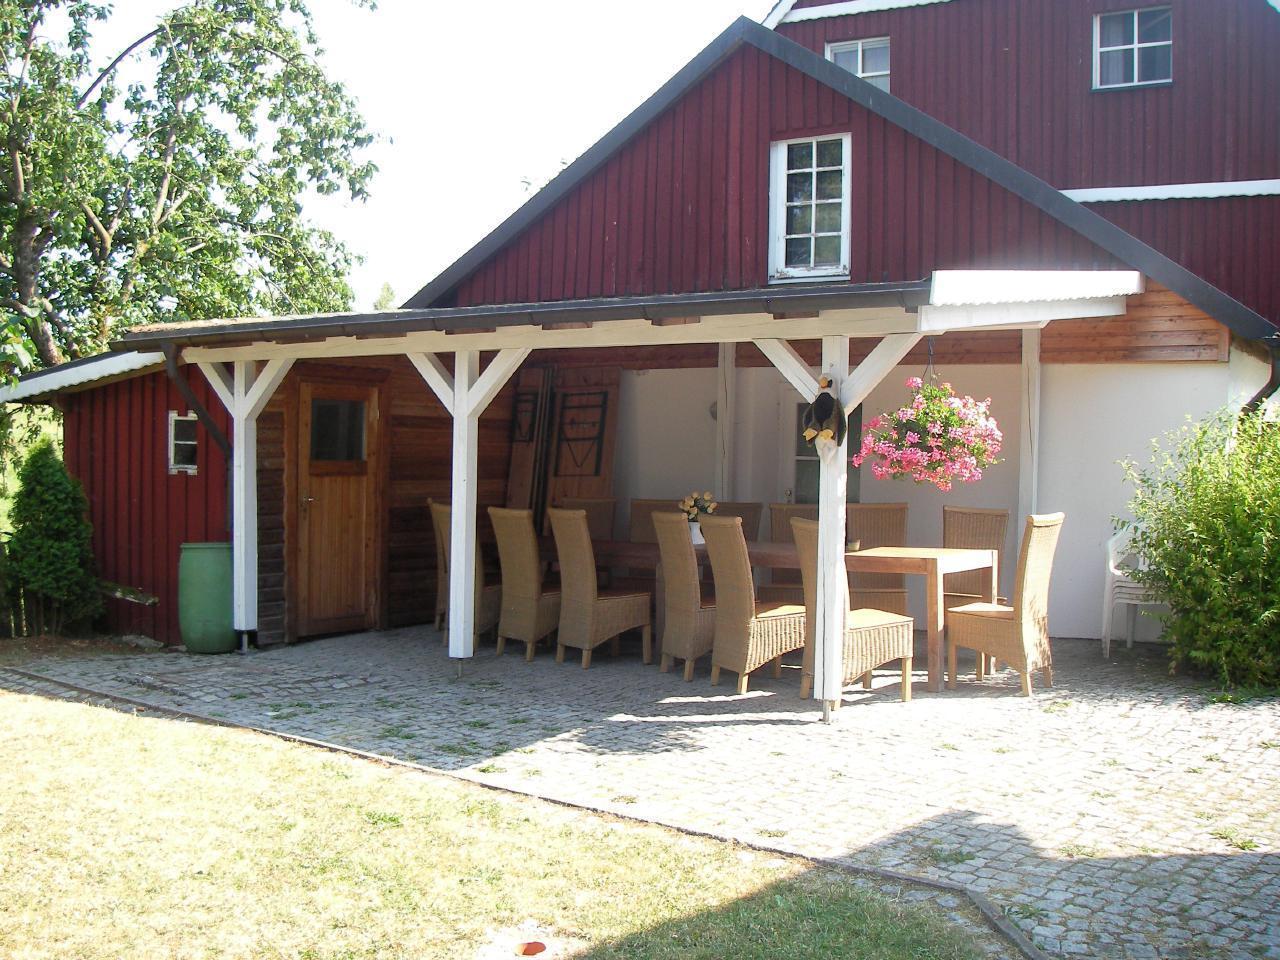 Ferienwohnung Haus Hilde Wohnung 2 (993407), Presseck, Oberfranken, Bayern, Deutschland, Bild 5